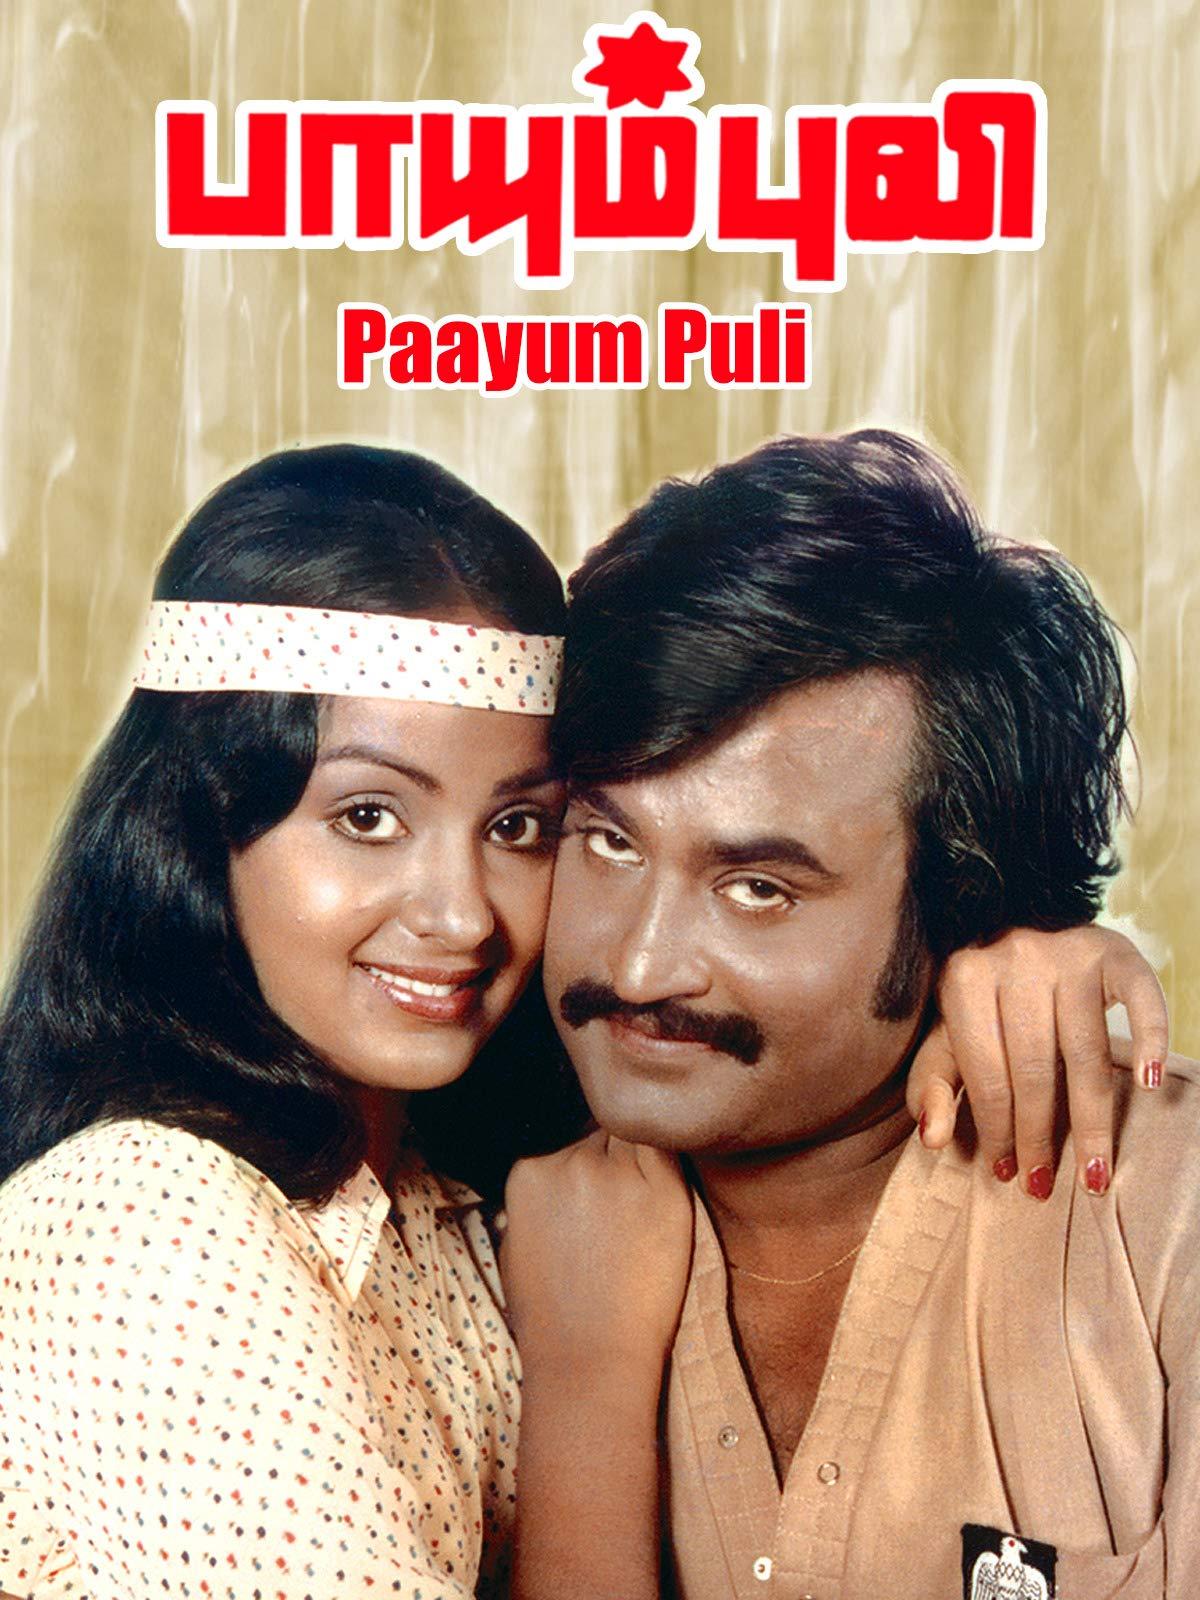 Paayum Puli